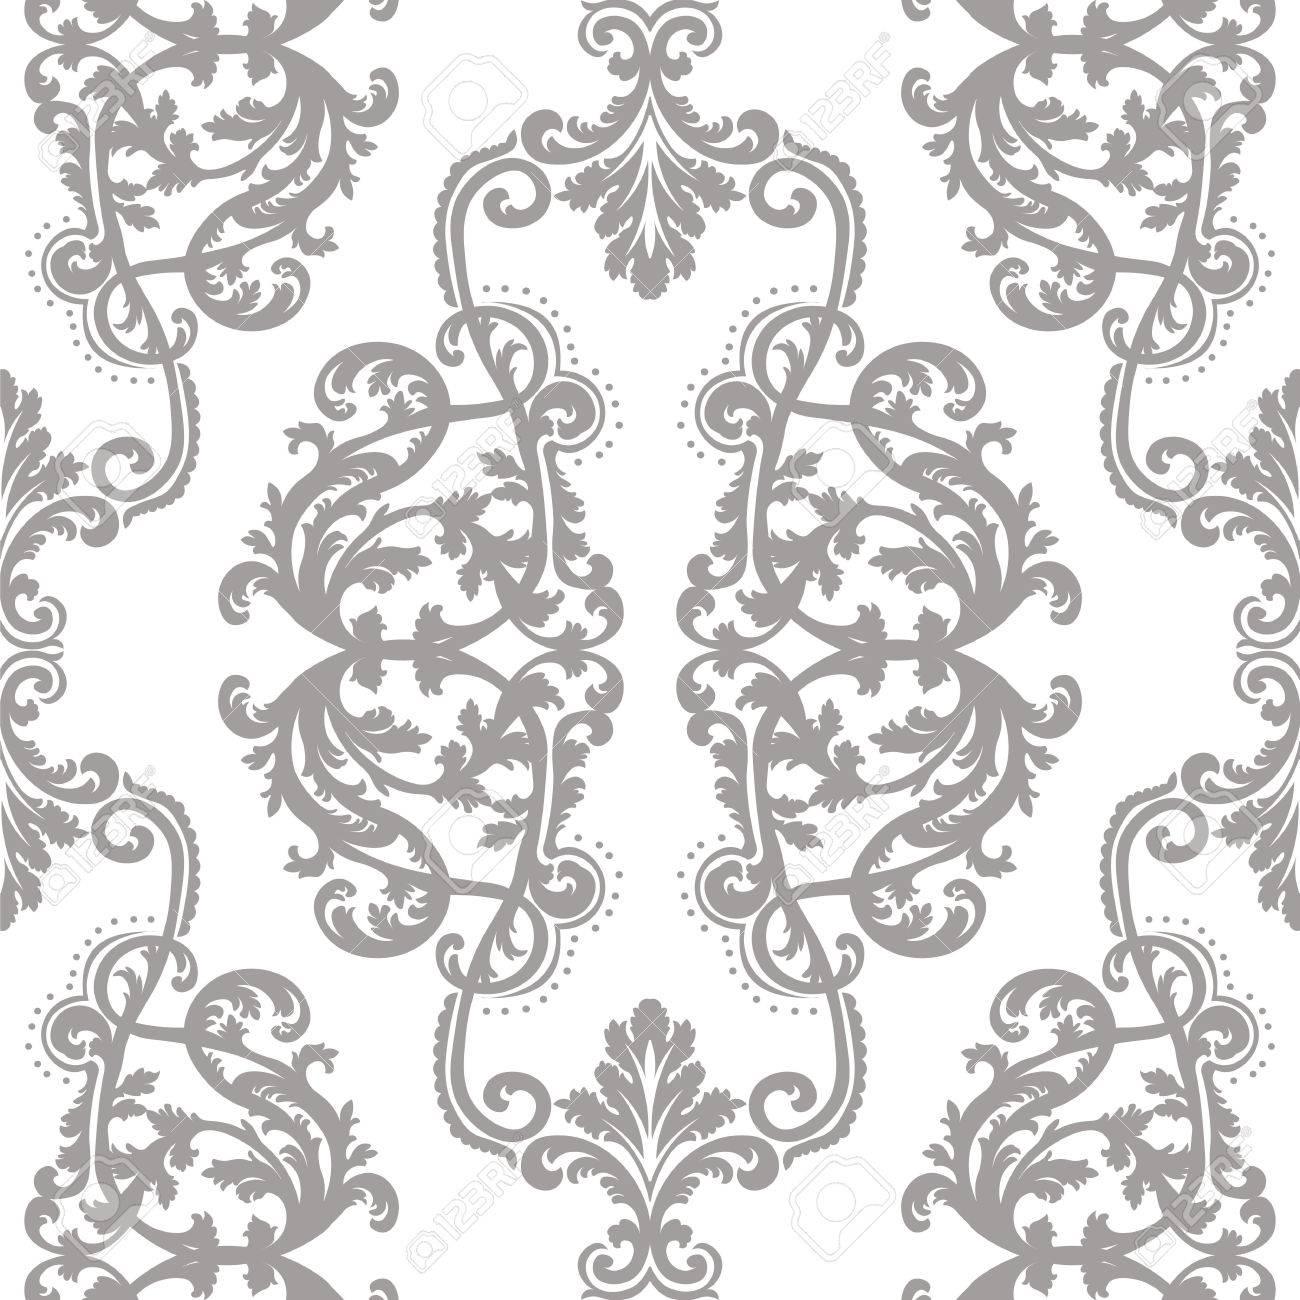 Standard Bild   Vektor Jahrgang Damast Barocke Muster Tapete Ornament  Empirestil. Aufwändige Blumenelement Für Gewebe, Design,  Hochzeitseinladungen, ...